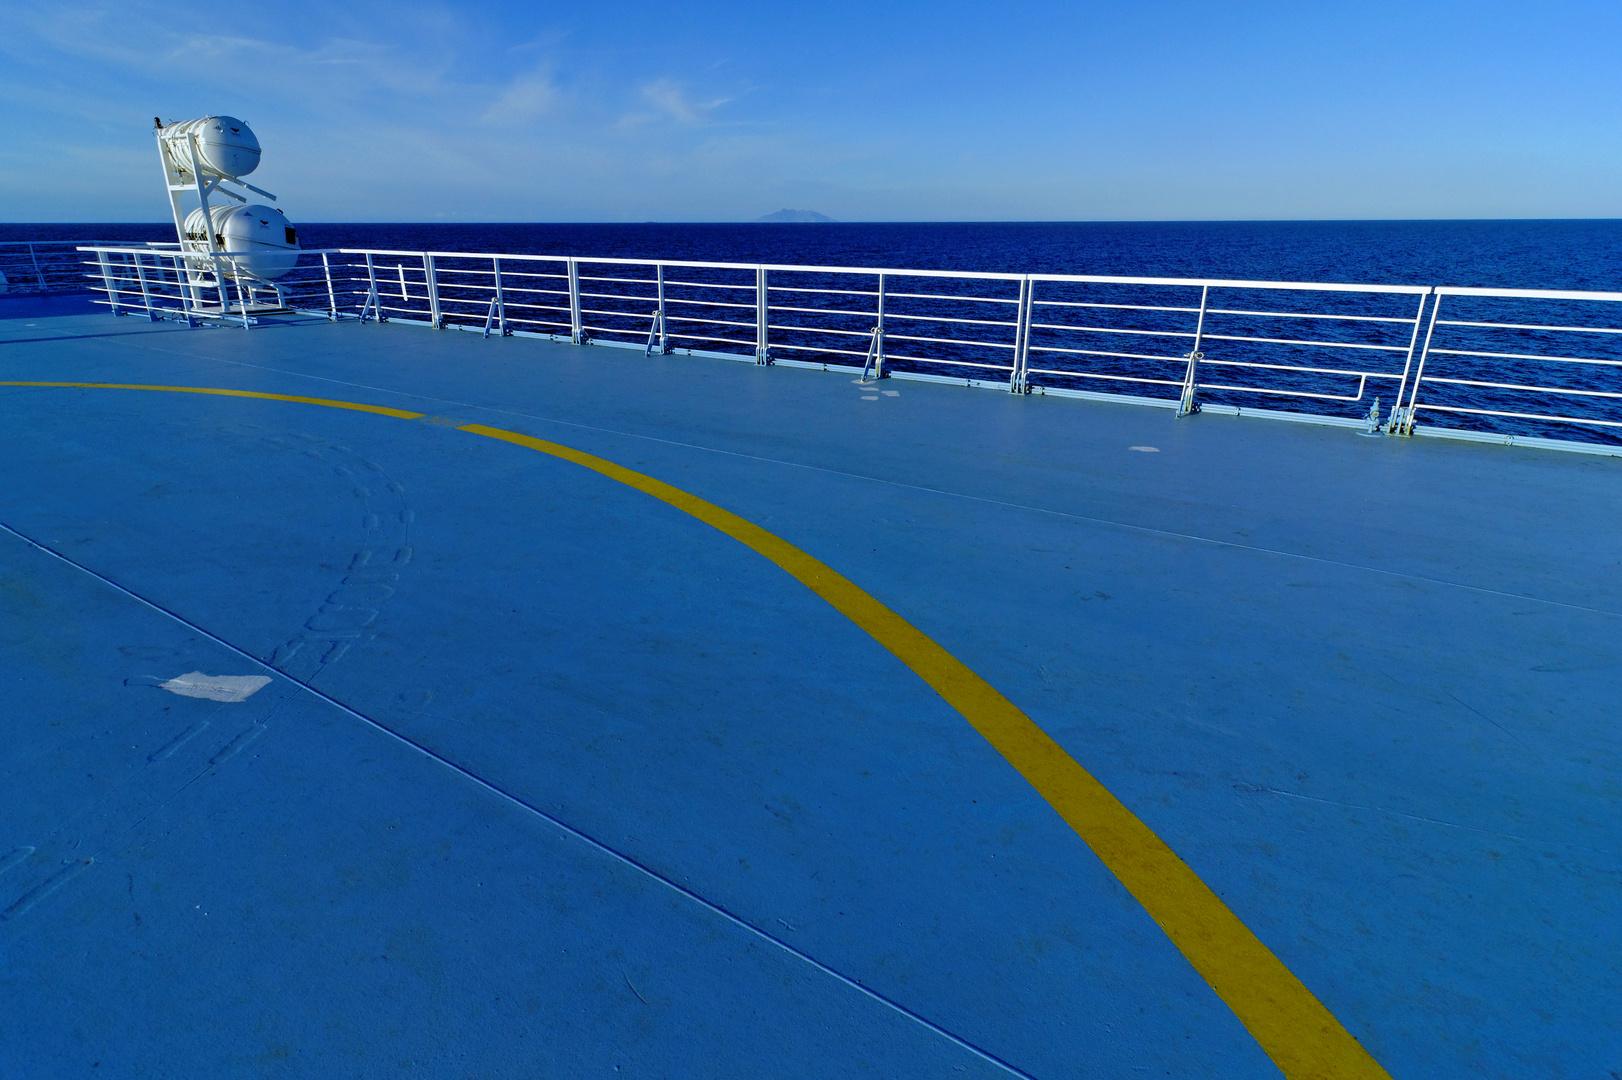 Blaues Schiff, blaues Meer, blauer Himmel